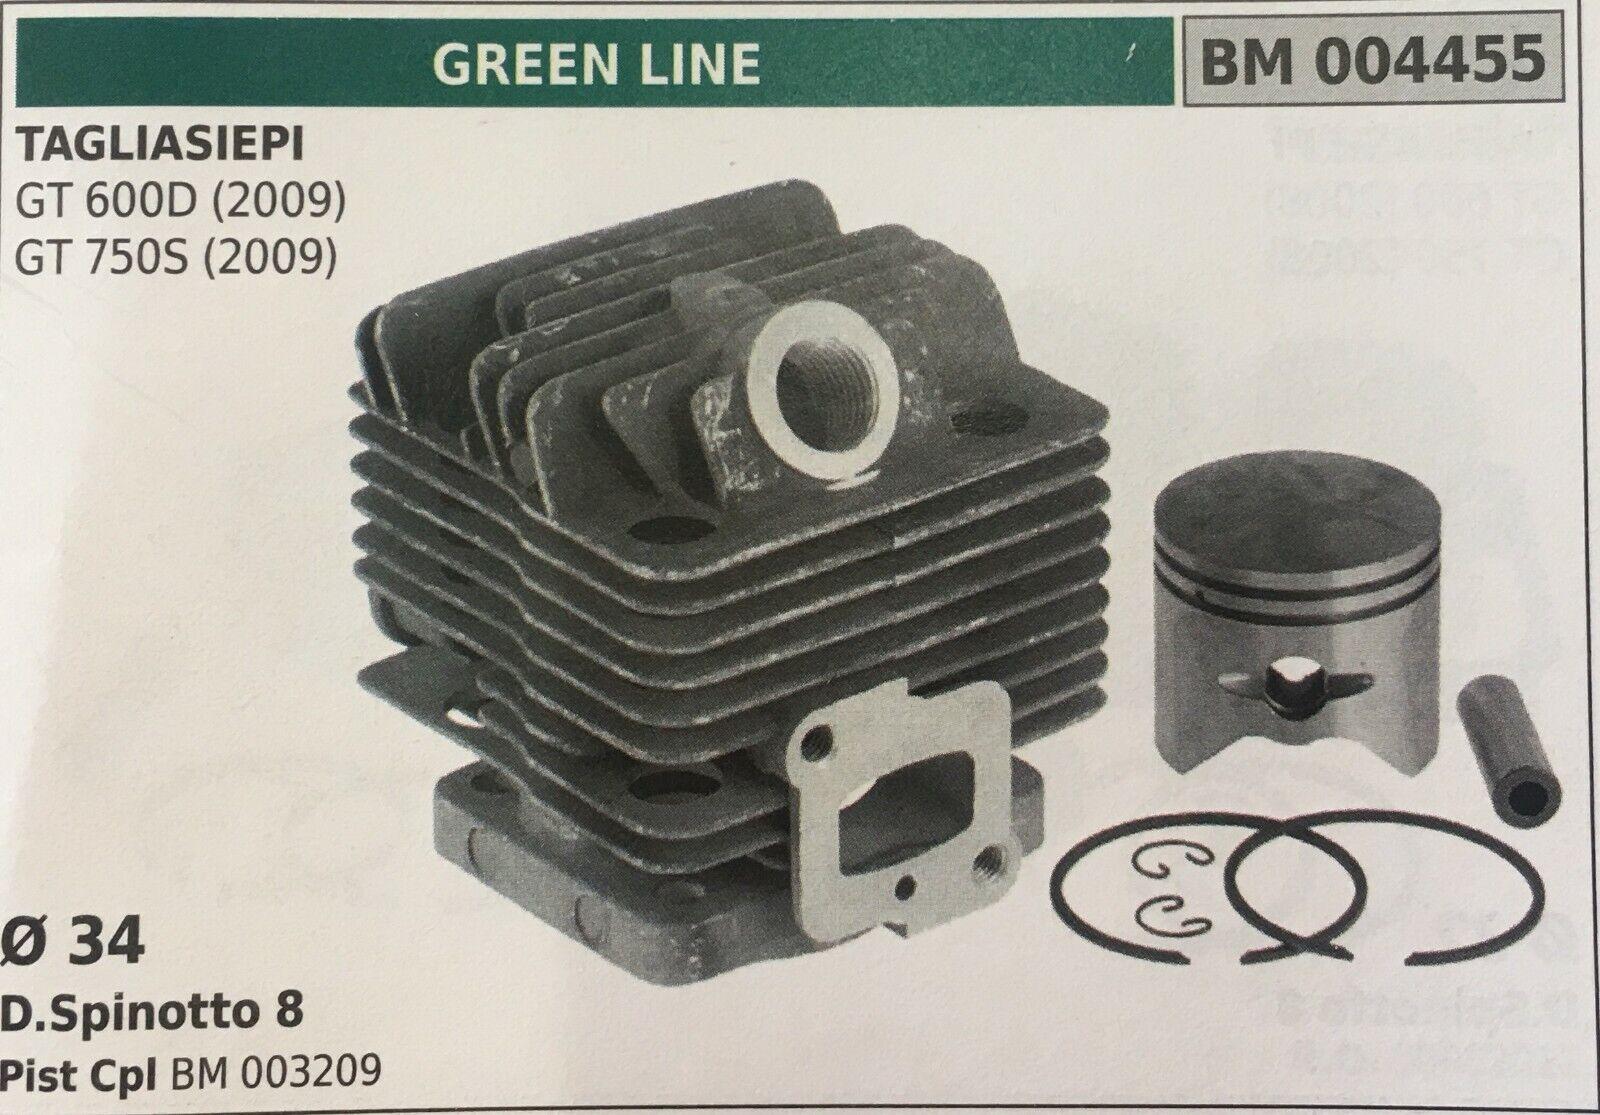 CILINDRO COMPLETO DI PISTONE E SEGMENTI BRUMAR BM004455 verde LINE